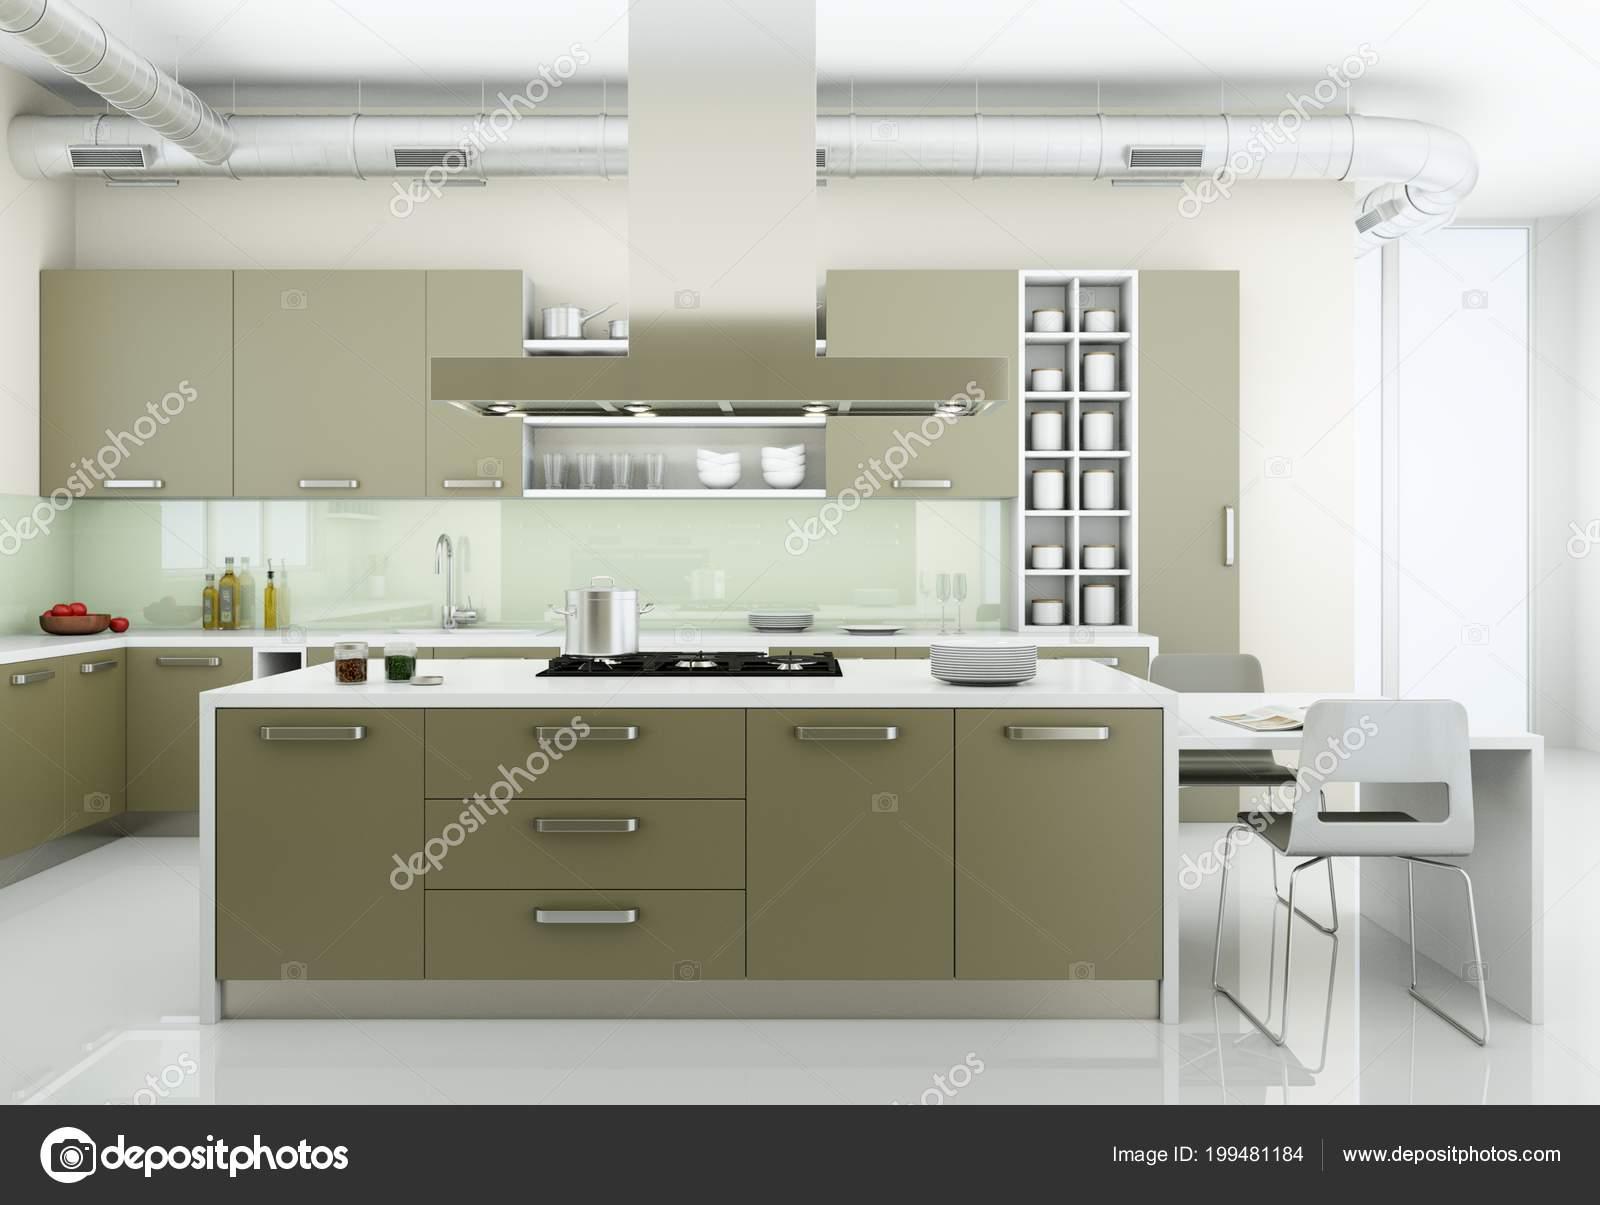 Cucina moderna grigio in soppalco con grandi finestre — Foto Stock ...